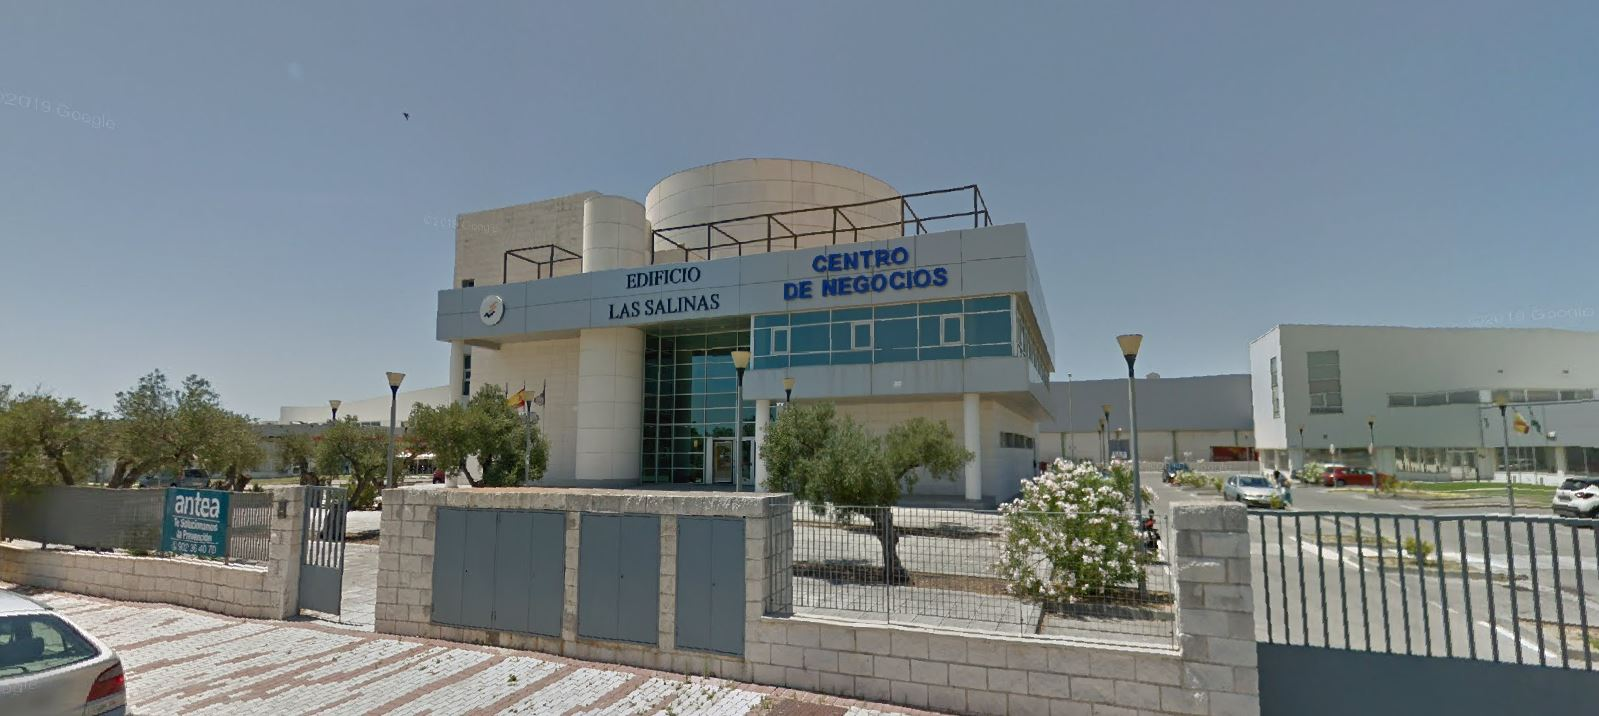 Registro Civil El Puerto de Santa María